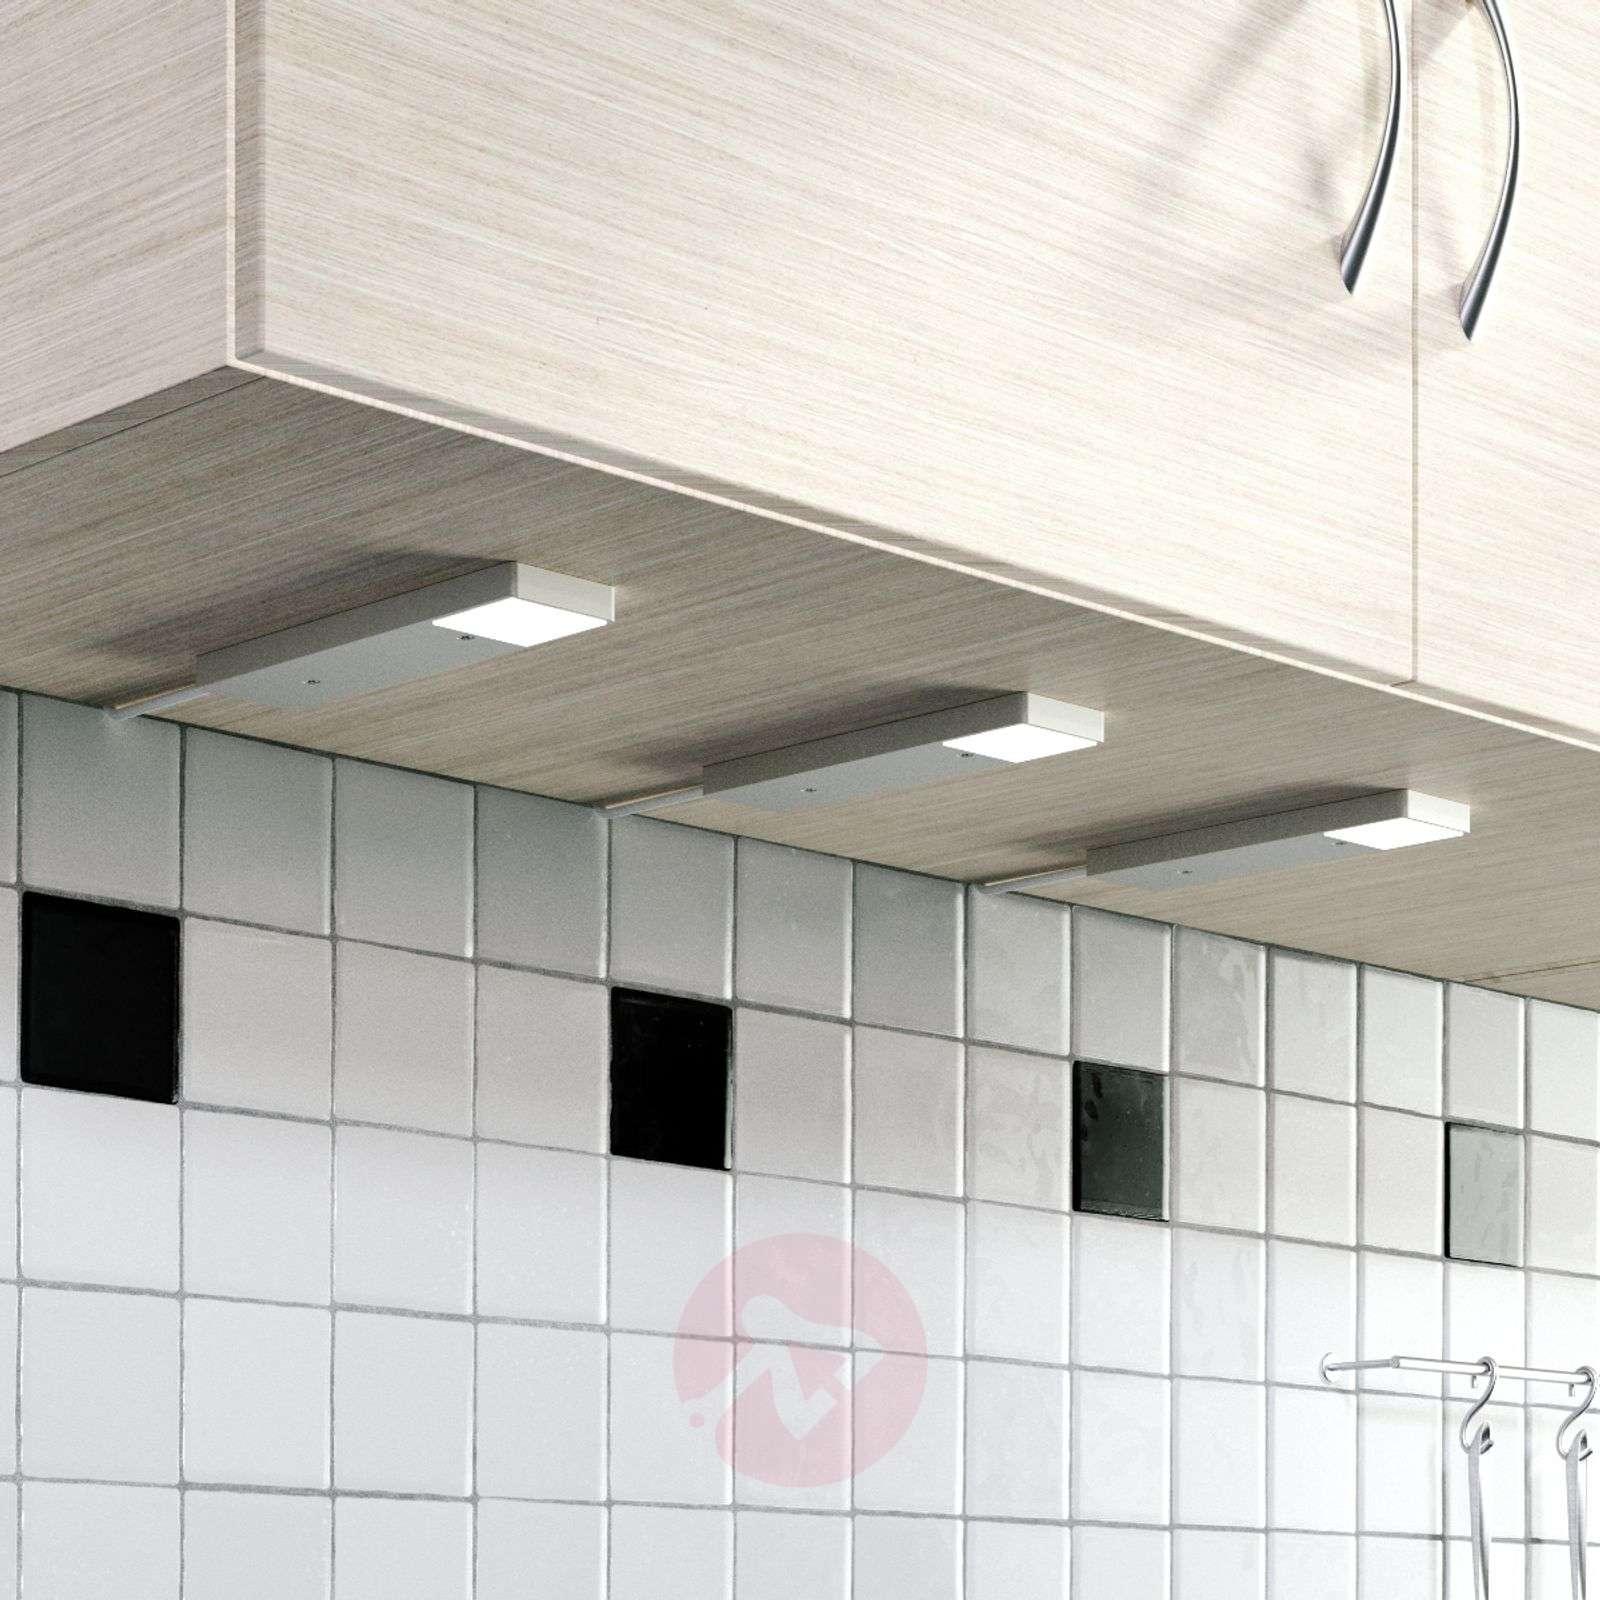 LED-kaapinalusvalaisin Amaryll, 3 kpl/sarja-9934013-02